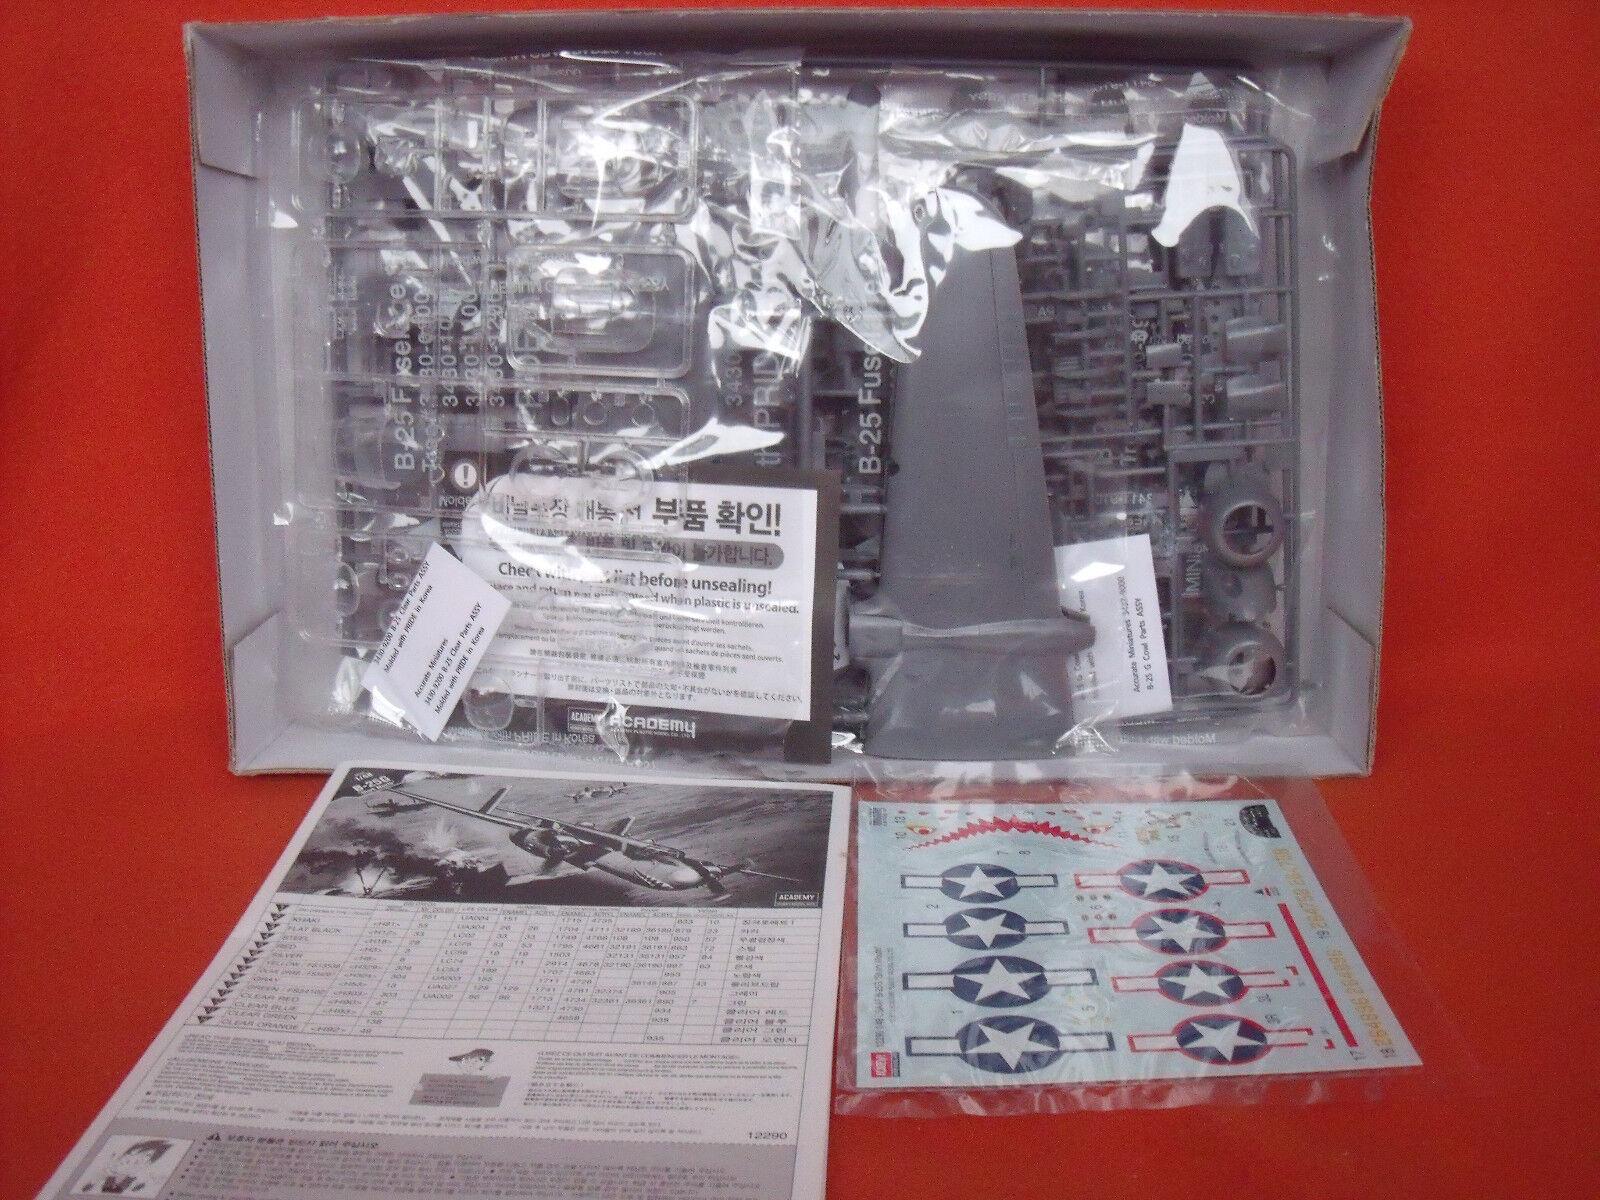 Academy ® 12290 12290 12290 B-25G Shark Mouth 1 48  | Öffnen Sie das Interesse und die Innovation Ihres Kindes, aber auch die Unschuld von Kindern, kindlich, glücklich  21aad2